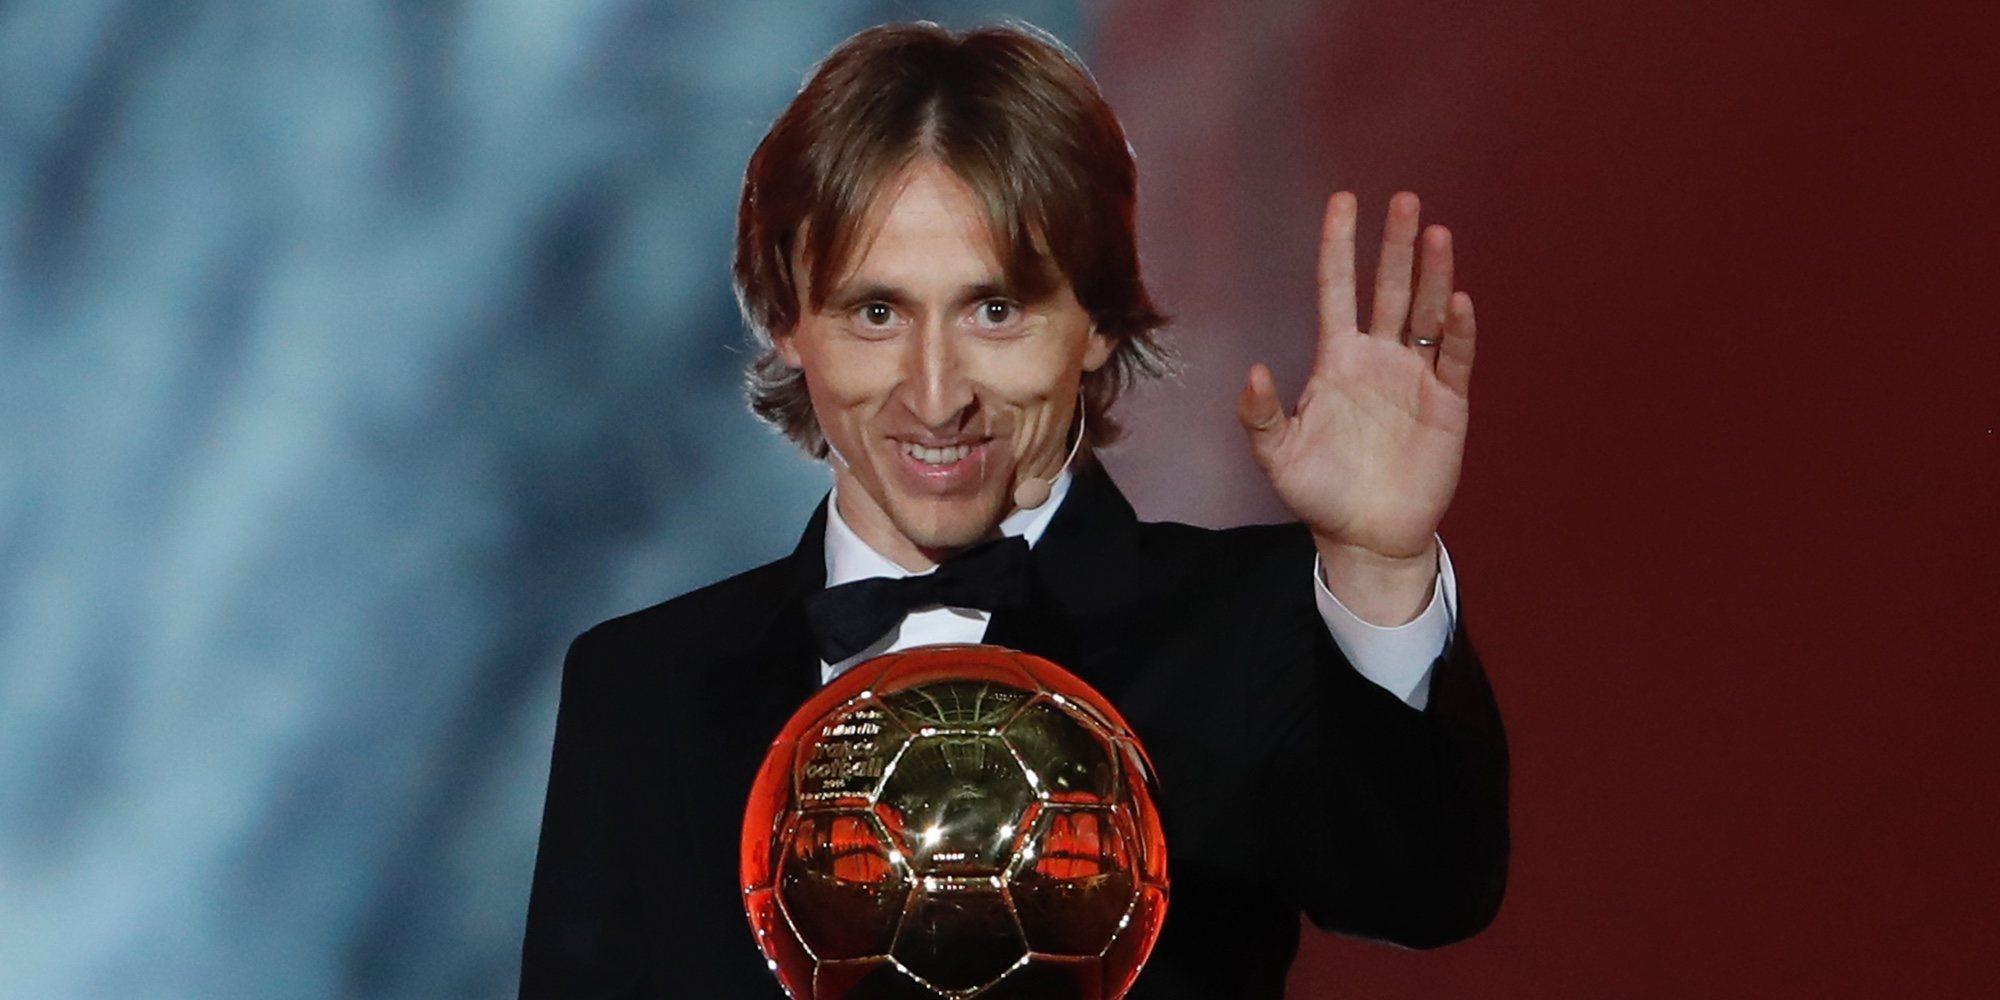 Luka Modric les dedica su Balón de Oro 2018 a Andrés Iniesta y Xavi Hernández